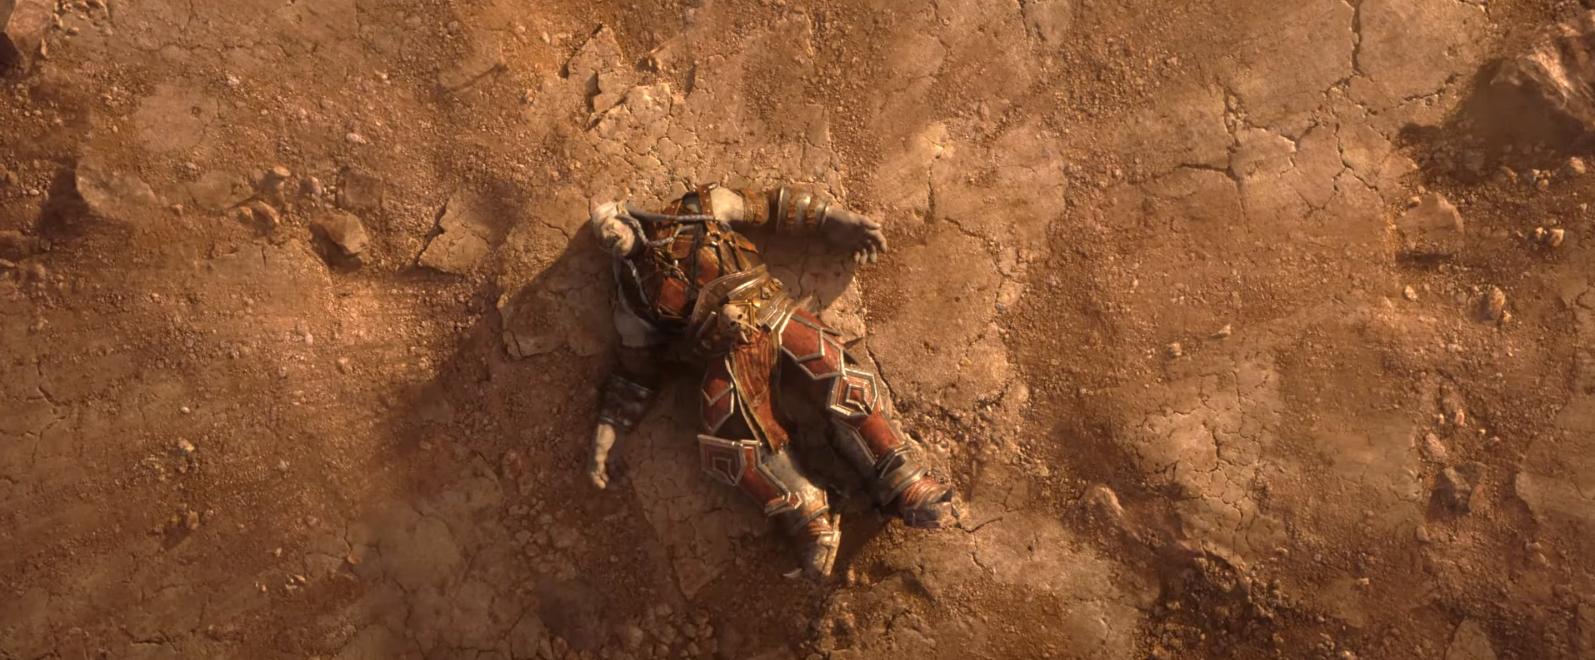 Sur le sol git le corps de Saurcroc tué par Sylvanas